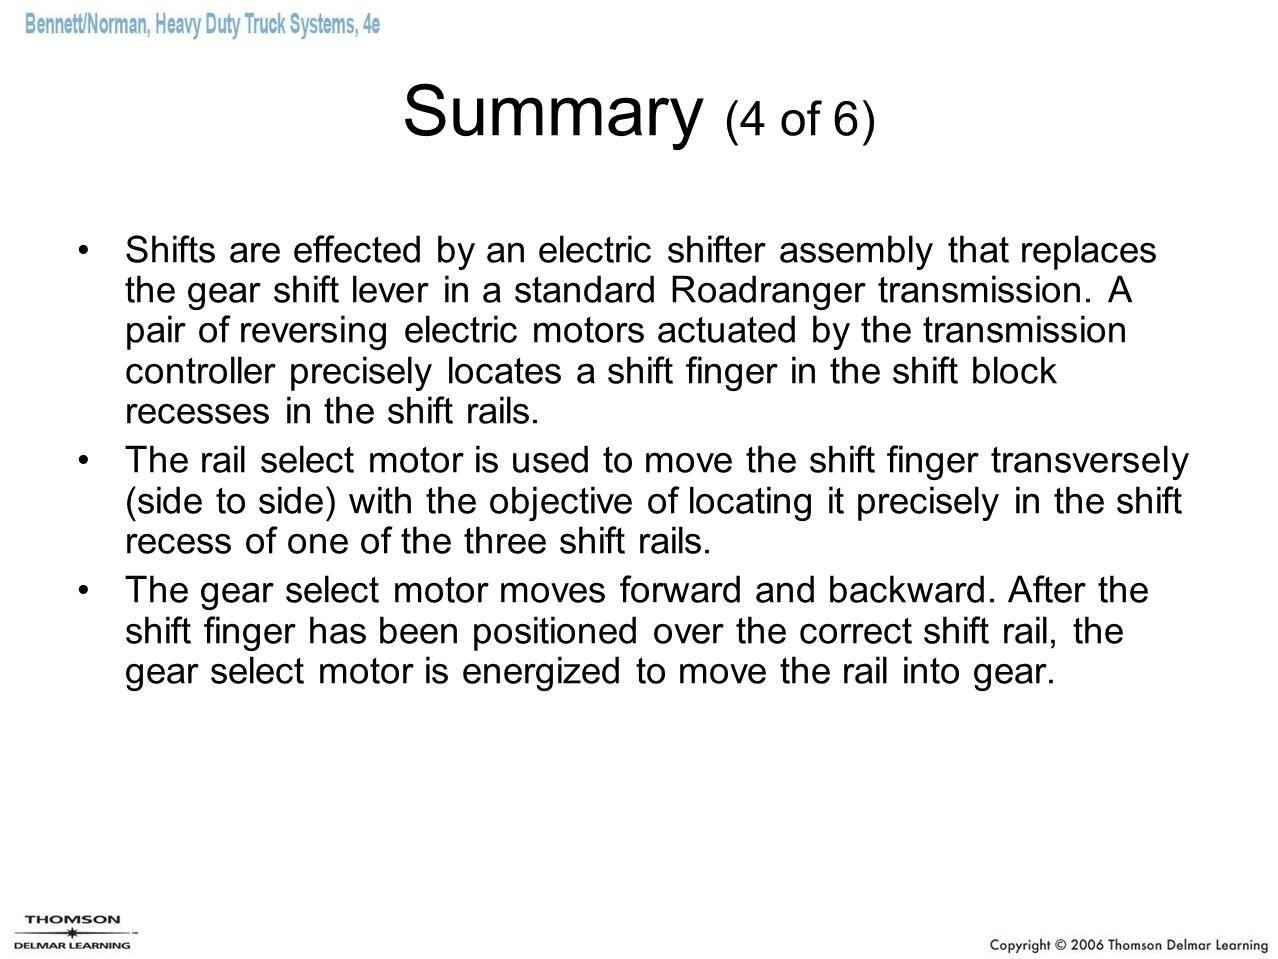 Summary (4 of 6)